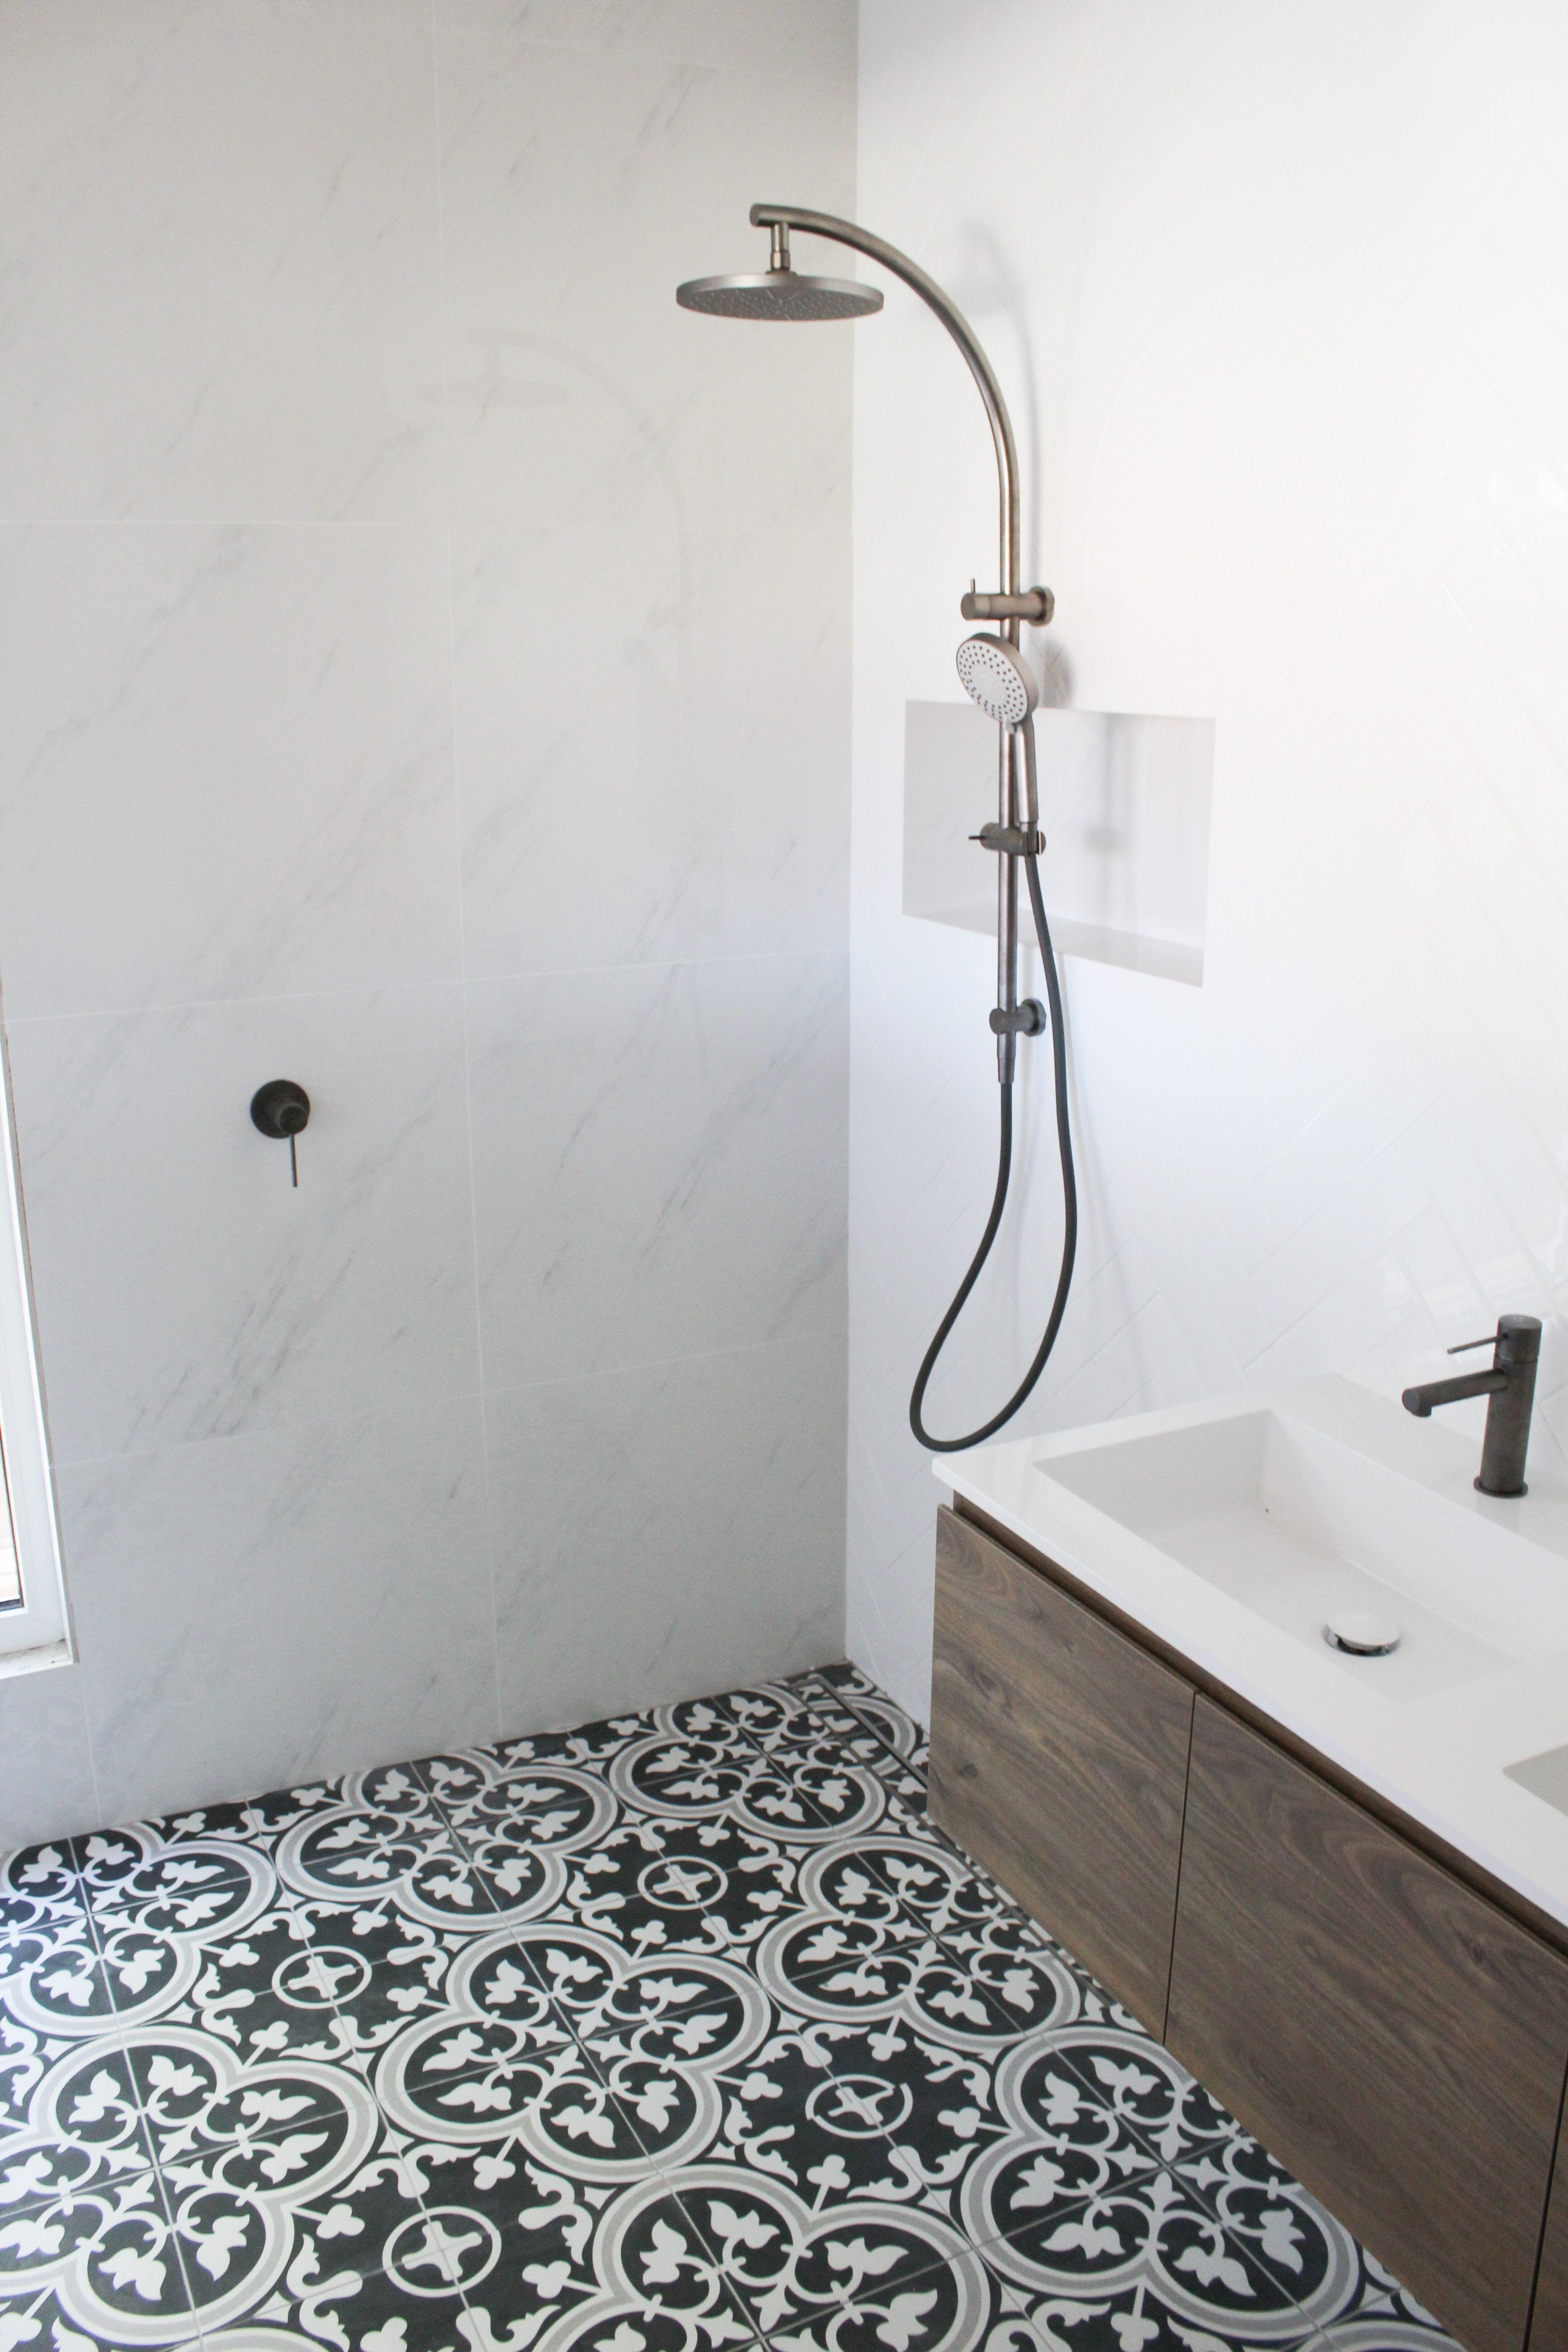 Black And White Floor Tile Bathroom